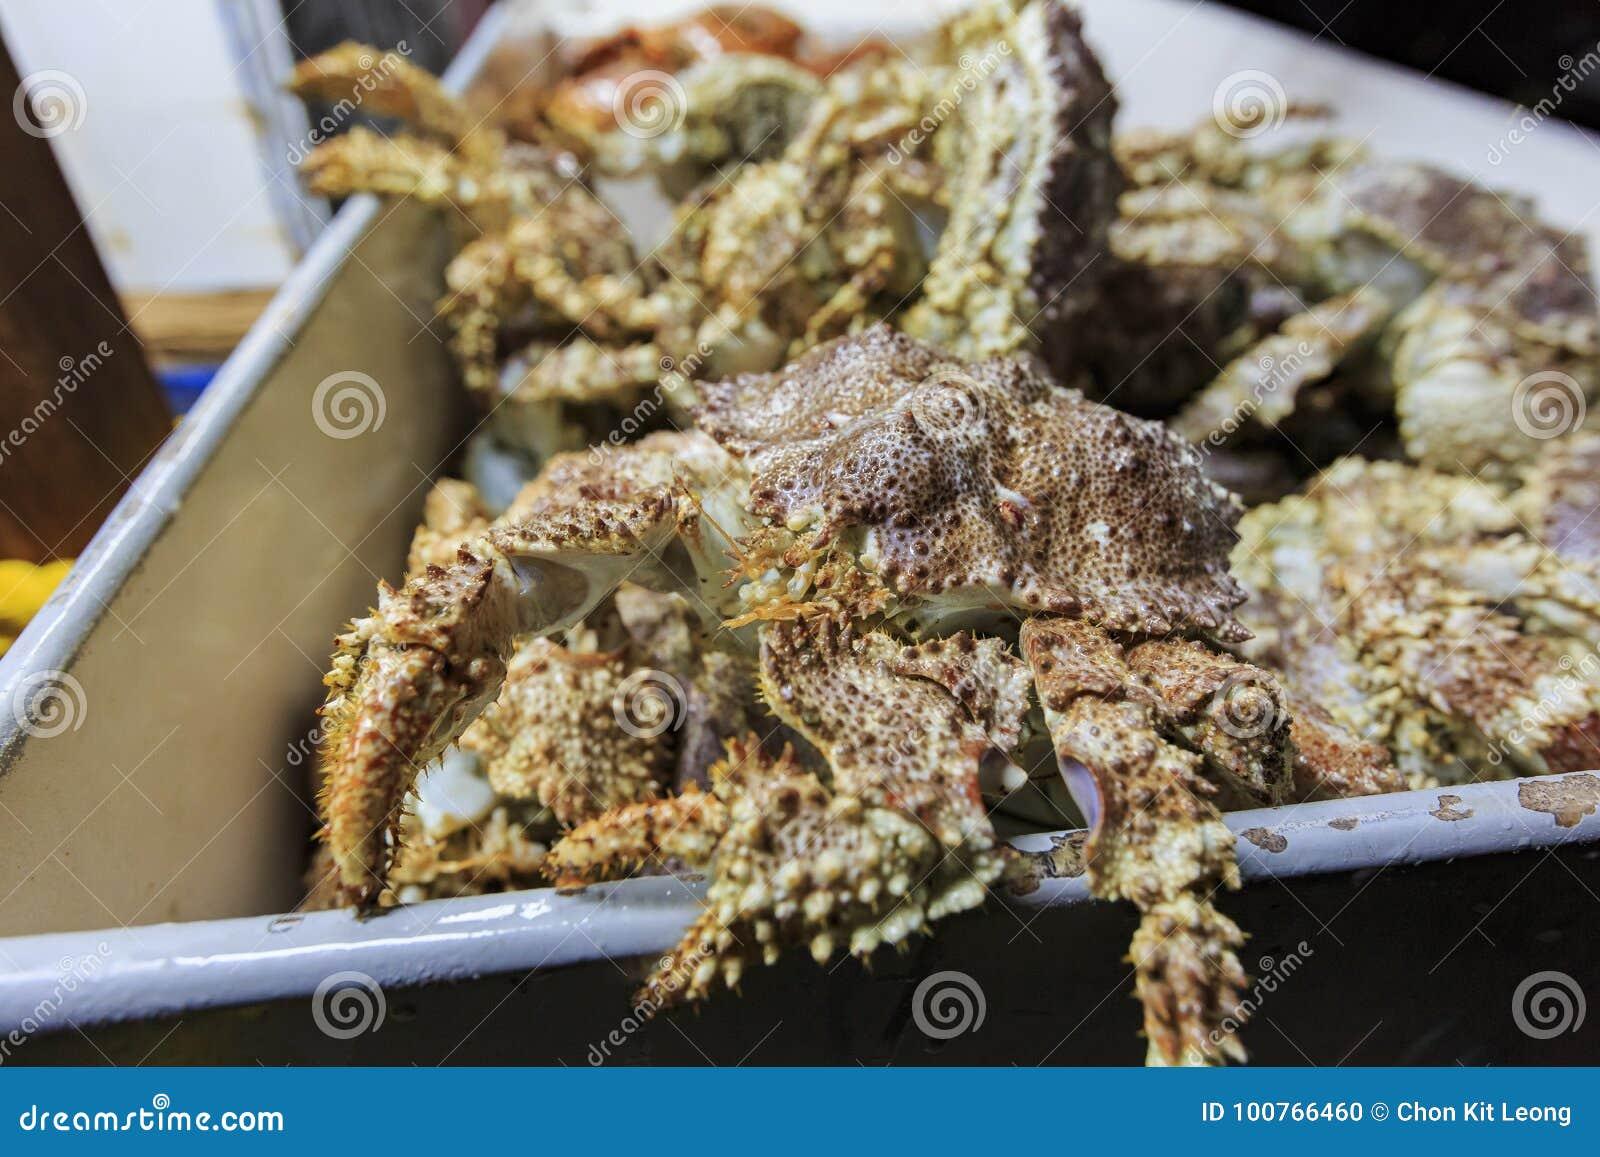 许多新鲜的螃蟹在新港海滨的鱼市上